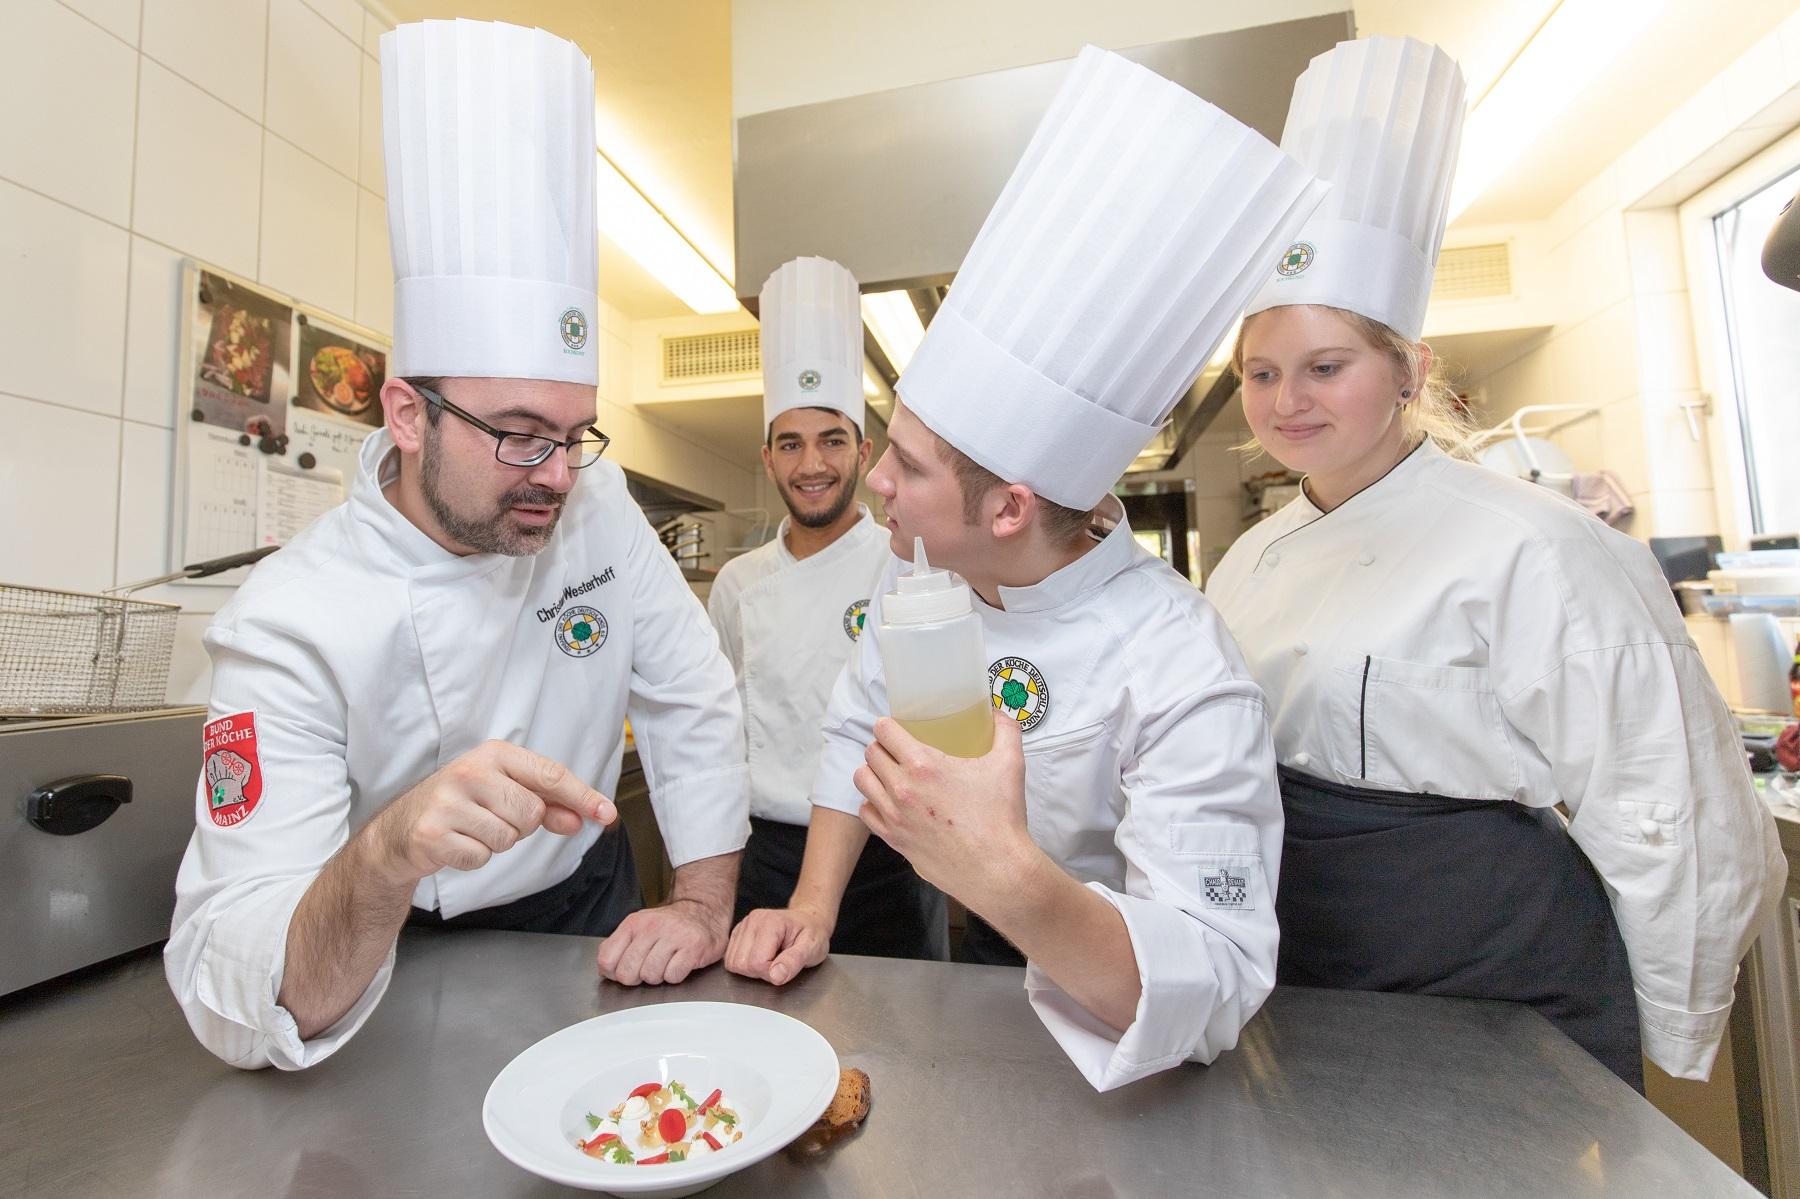 Der VKD zeichnet Betriebe aus, die sich besonders für die Ausbildung des Köche-Nachwuchs einsetzen. Sie erhalten das Siegel